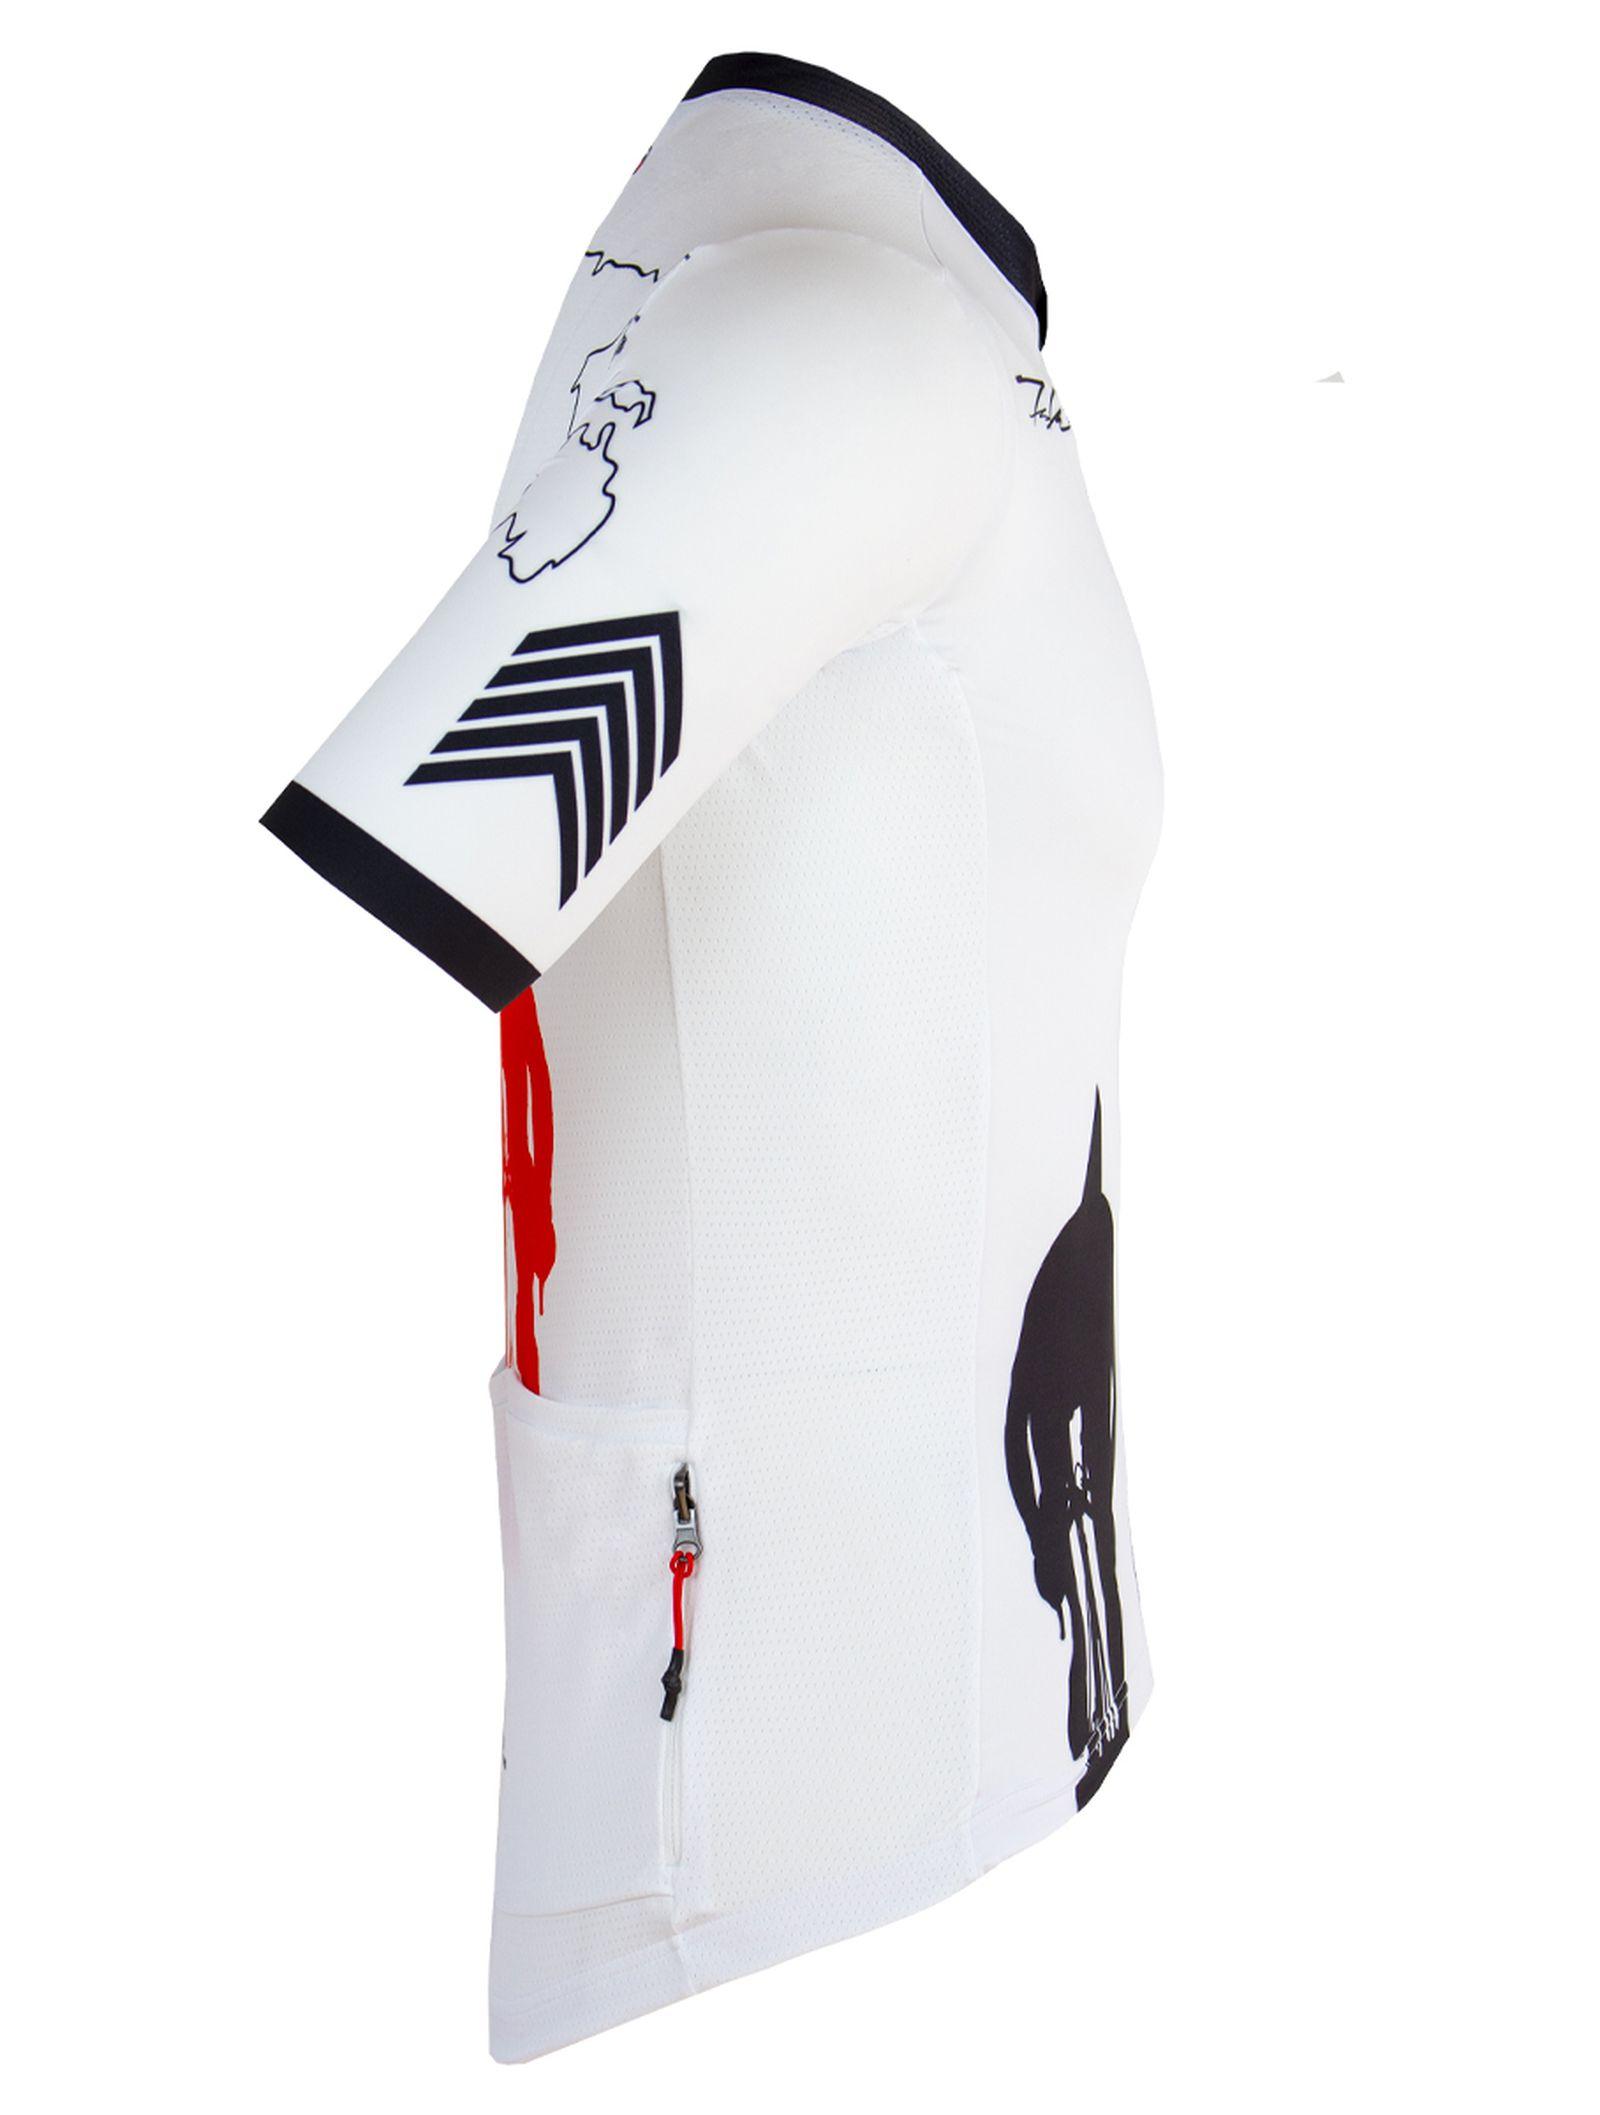 futura_cinelli-apparel-collab- (5)